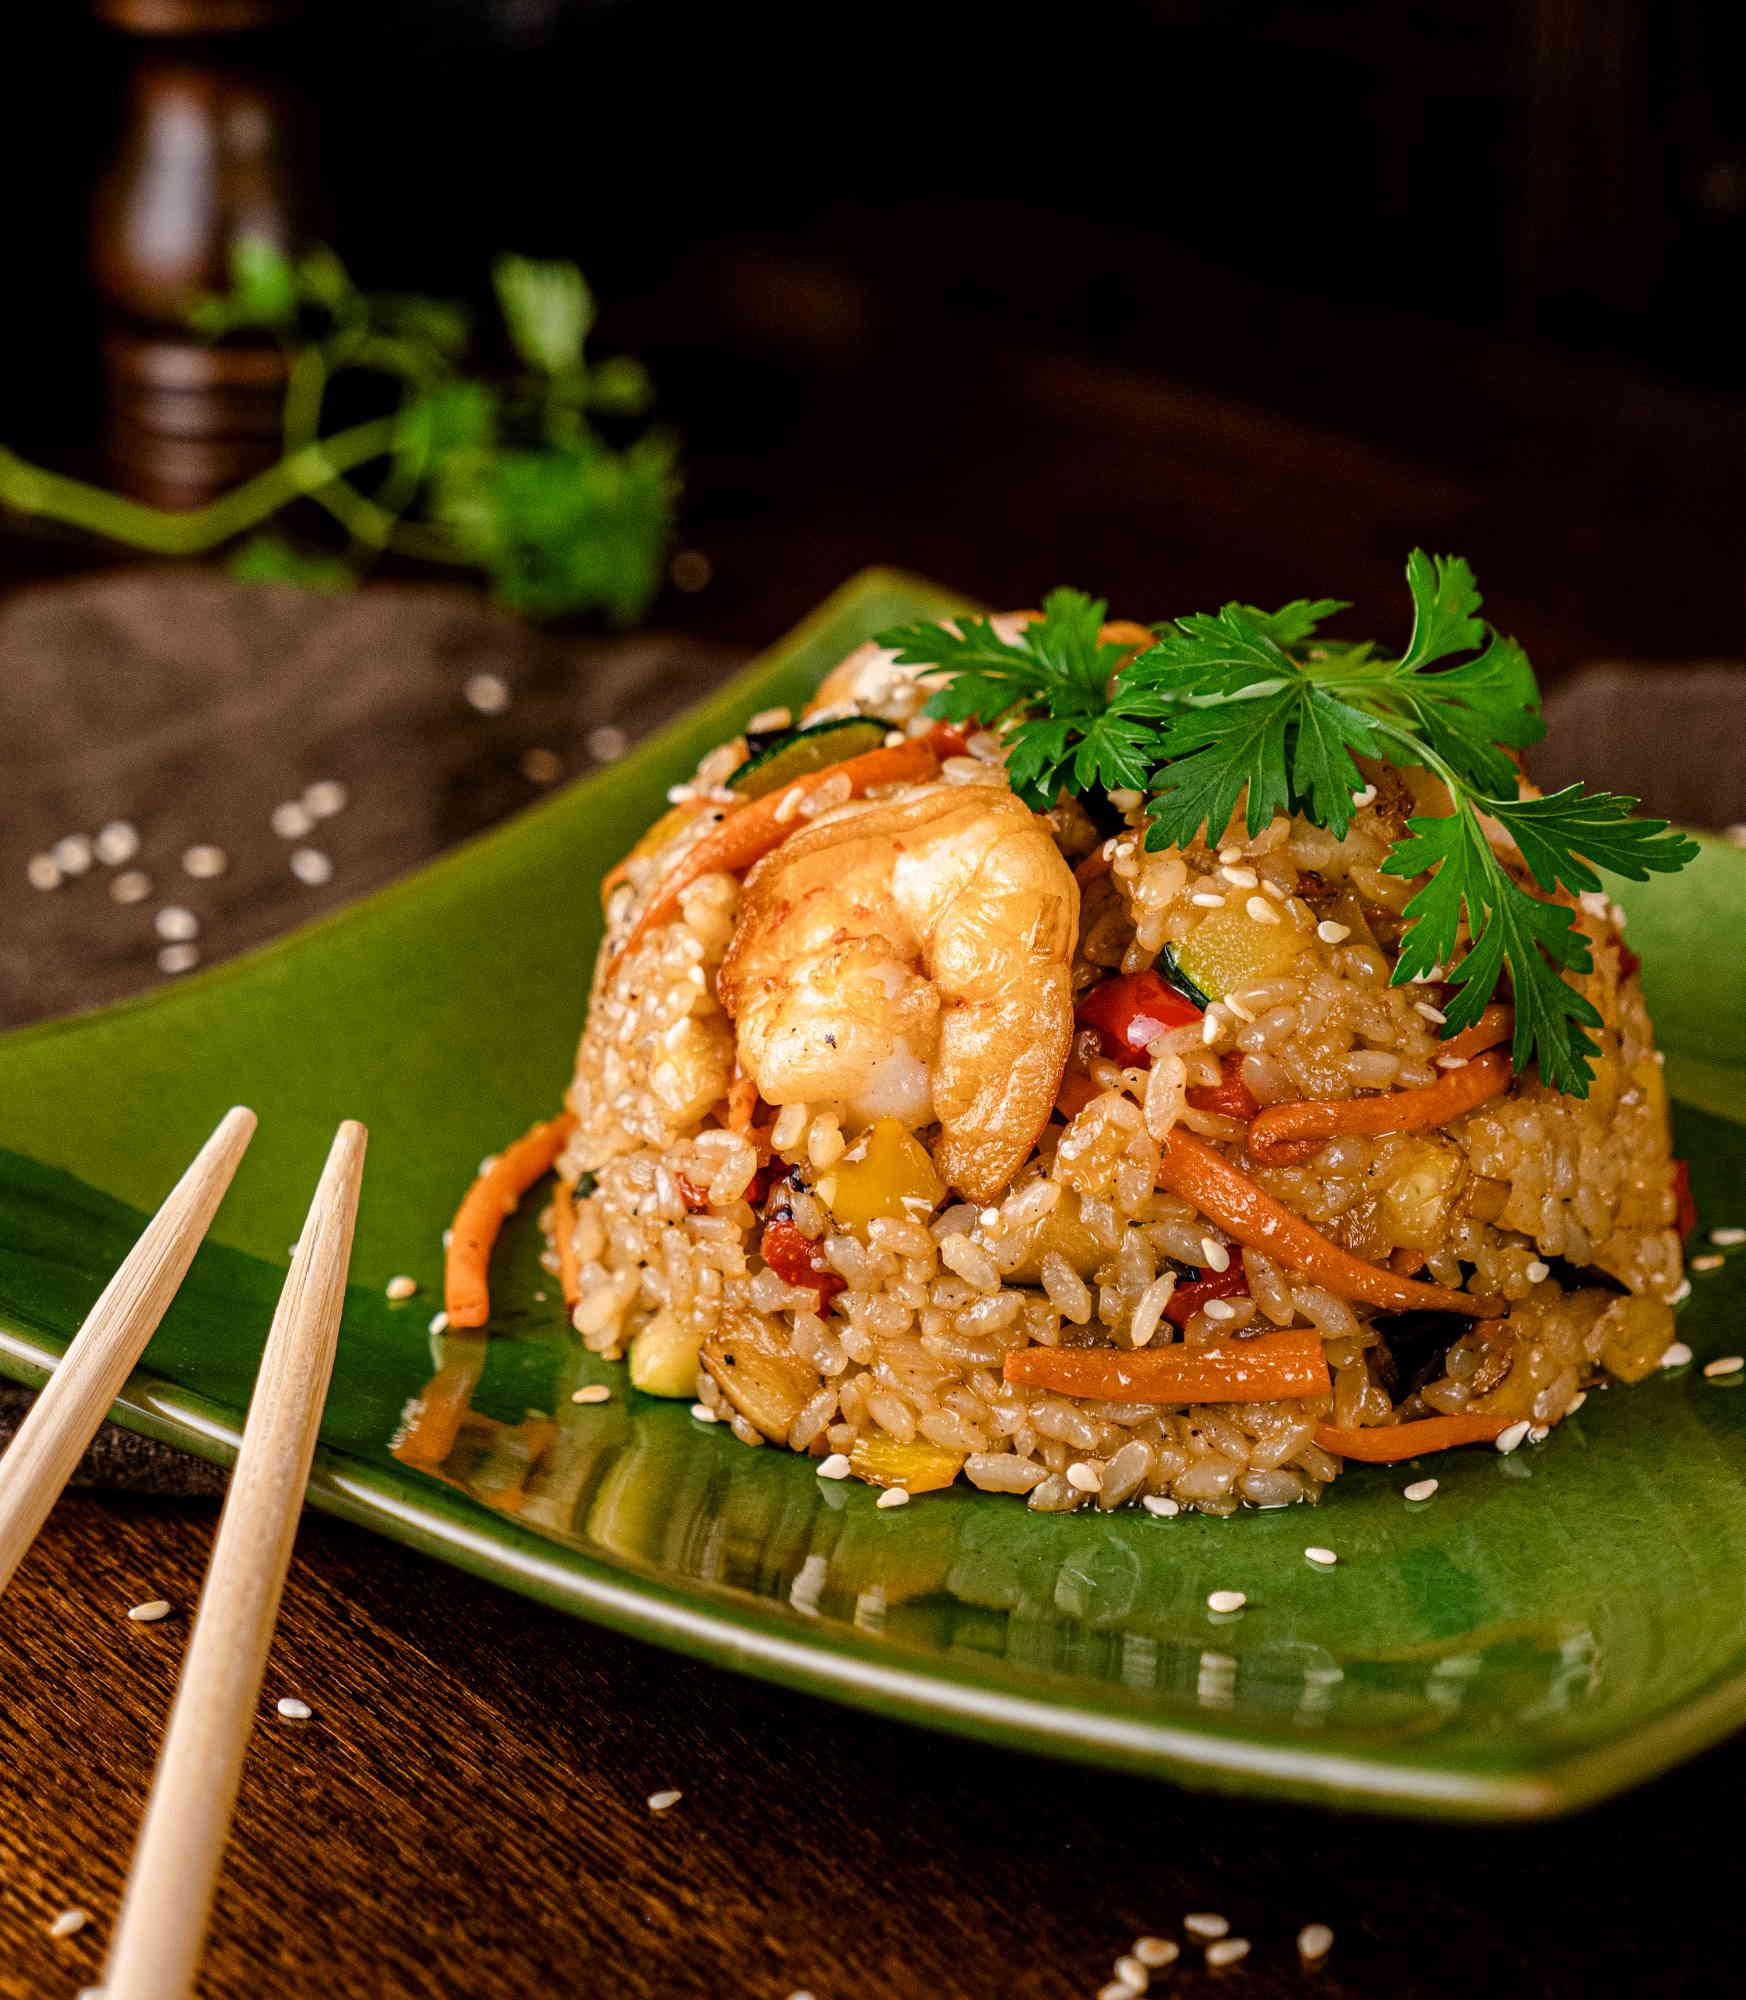 Рис Тяхан с креветками доставка суши и роллов в орле ресторан лабиринт